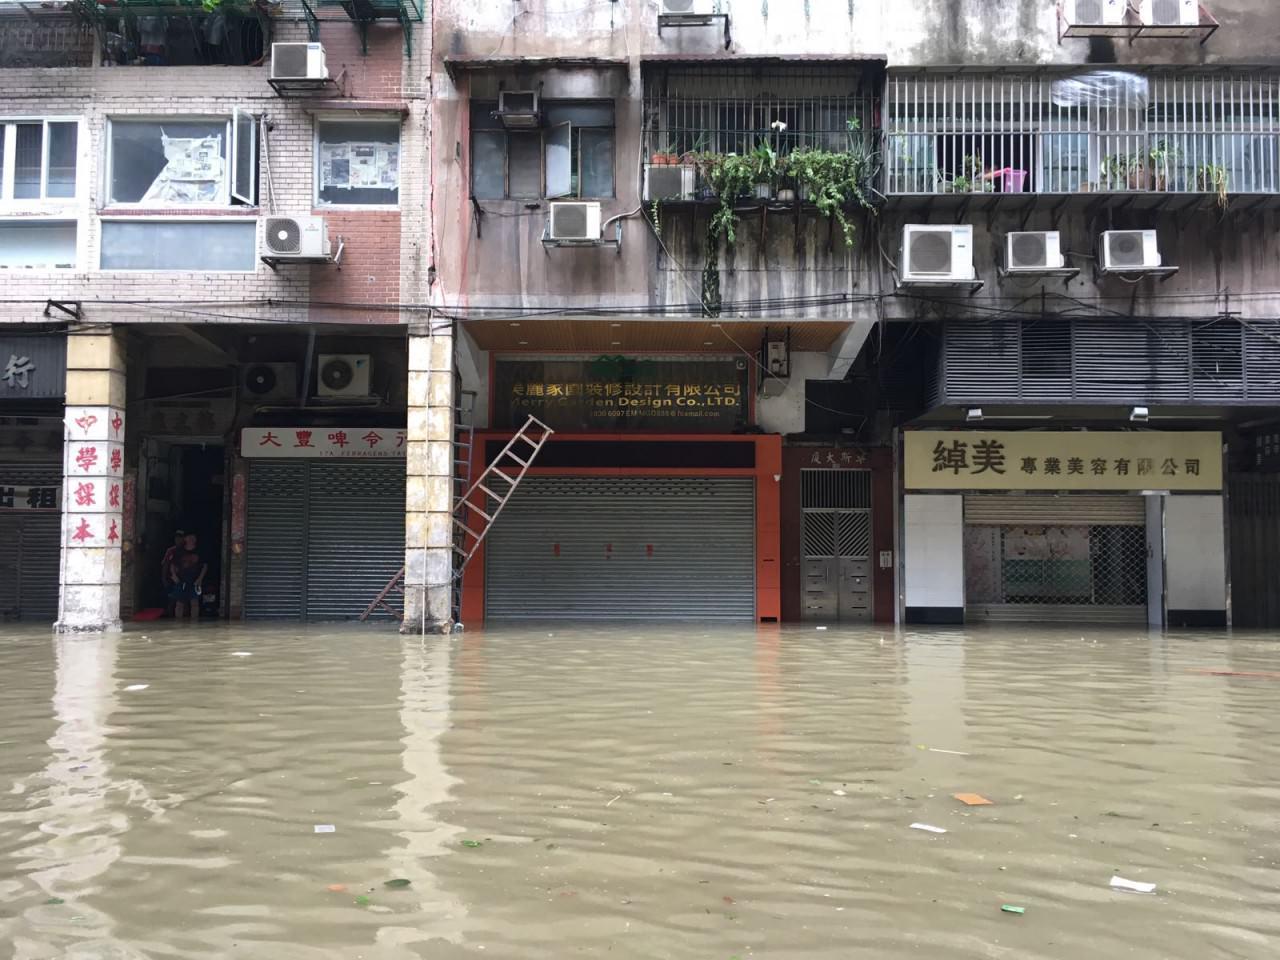 澳門多區域水浸嚴重,有地舖商戶直指貨物損失慘重,「慘過被打劫。」(澳門特約記者攝)